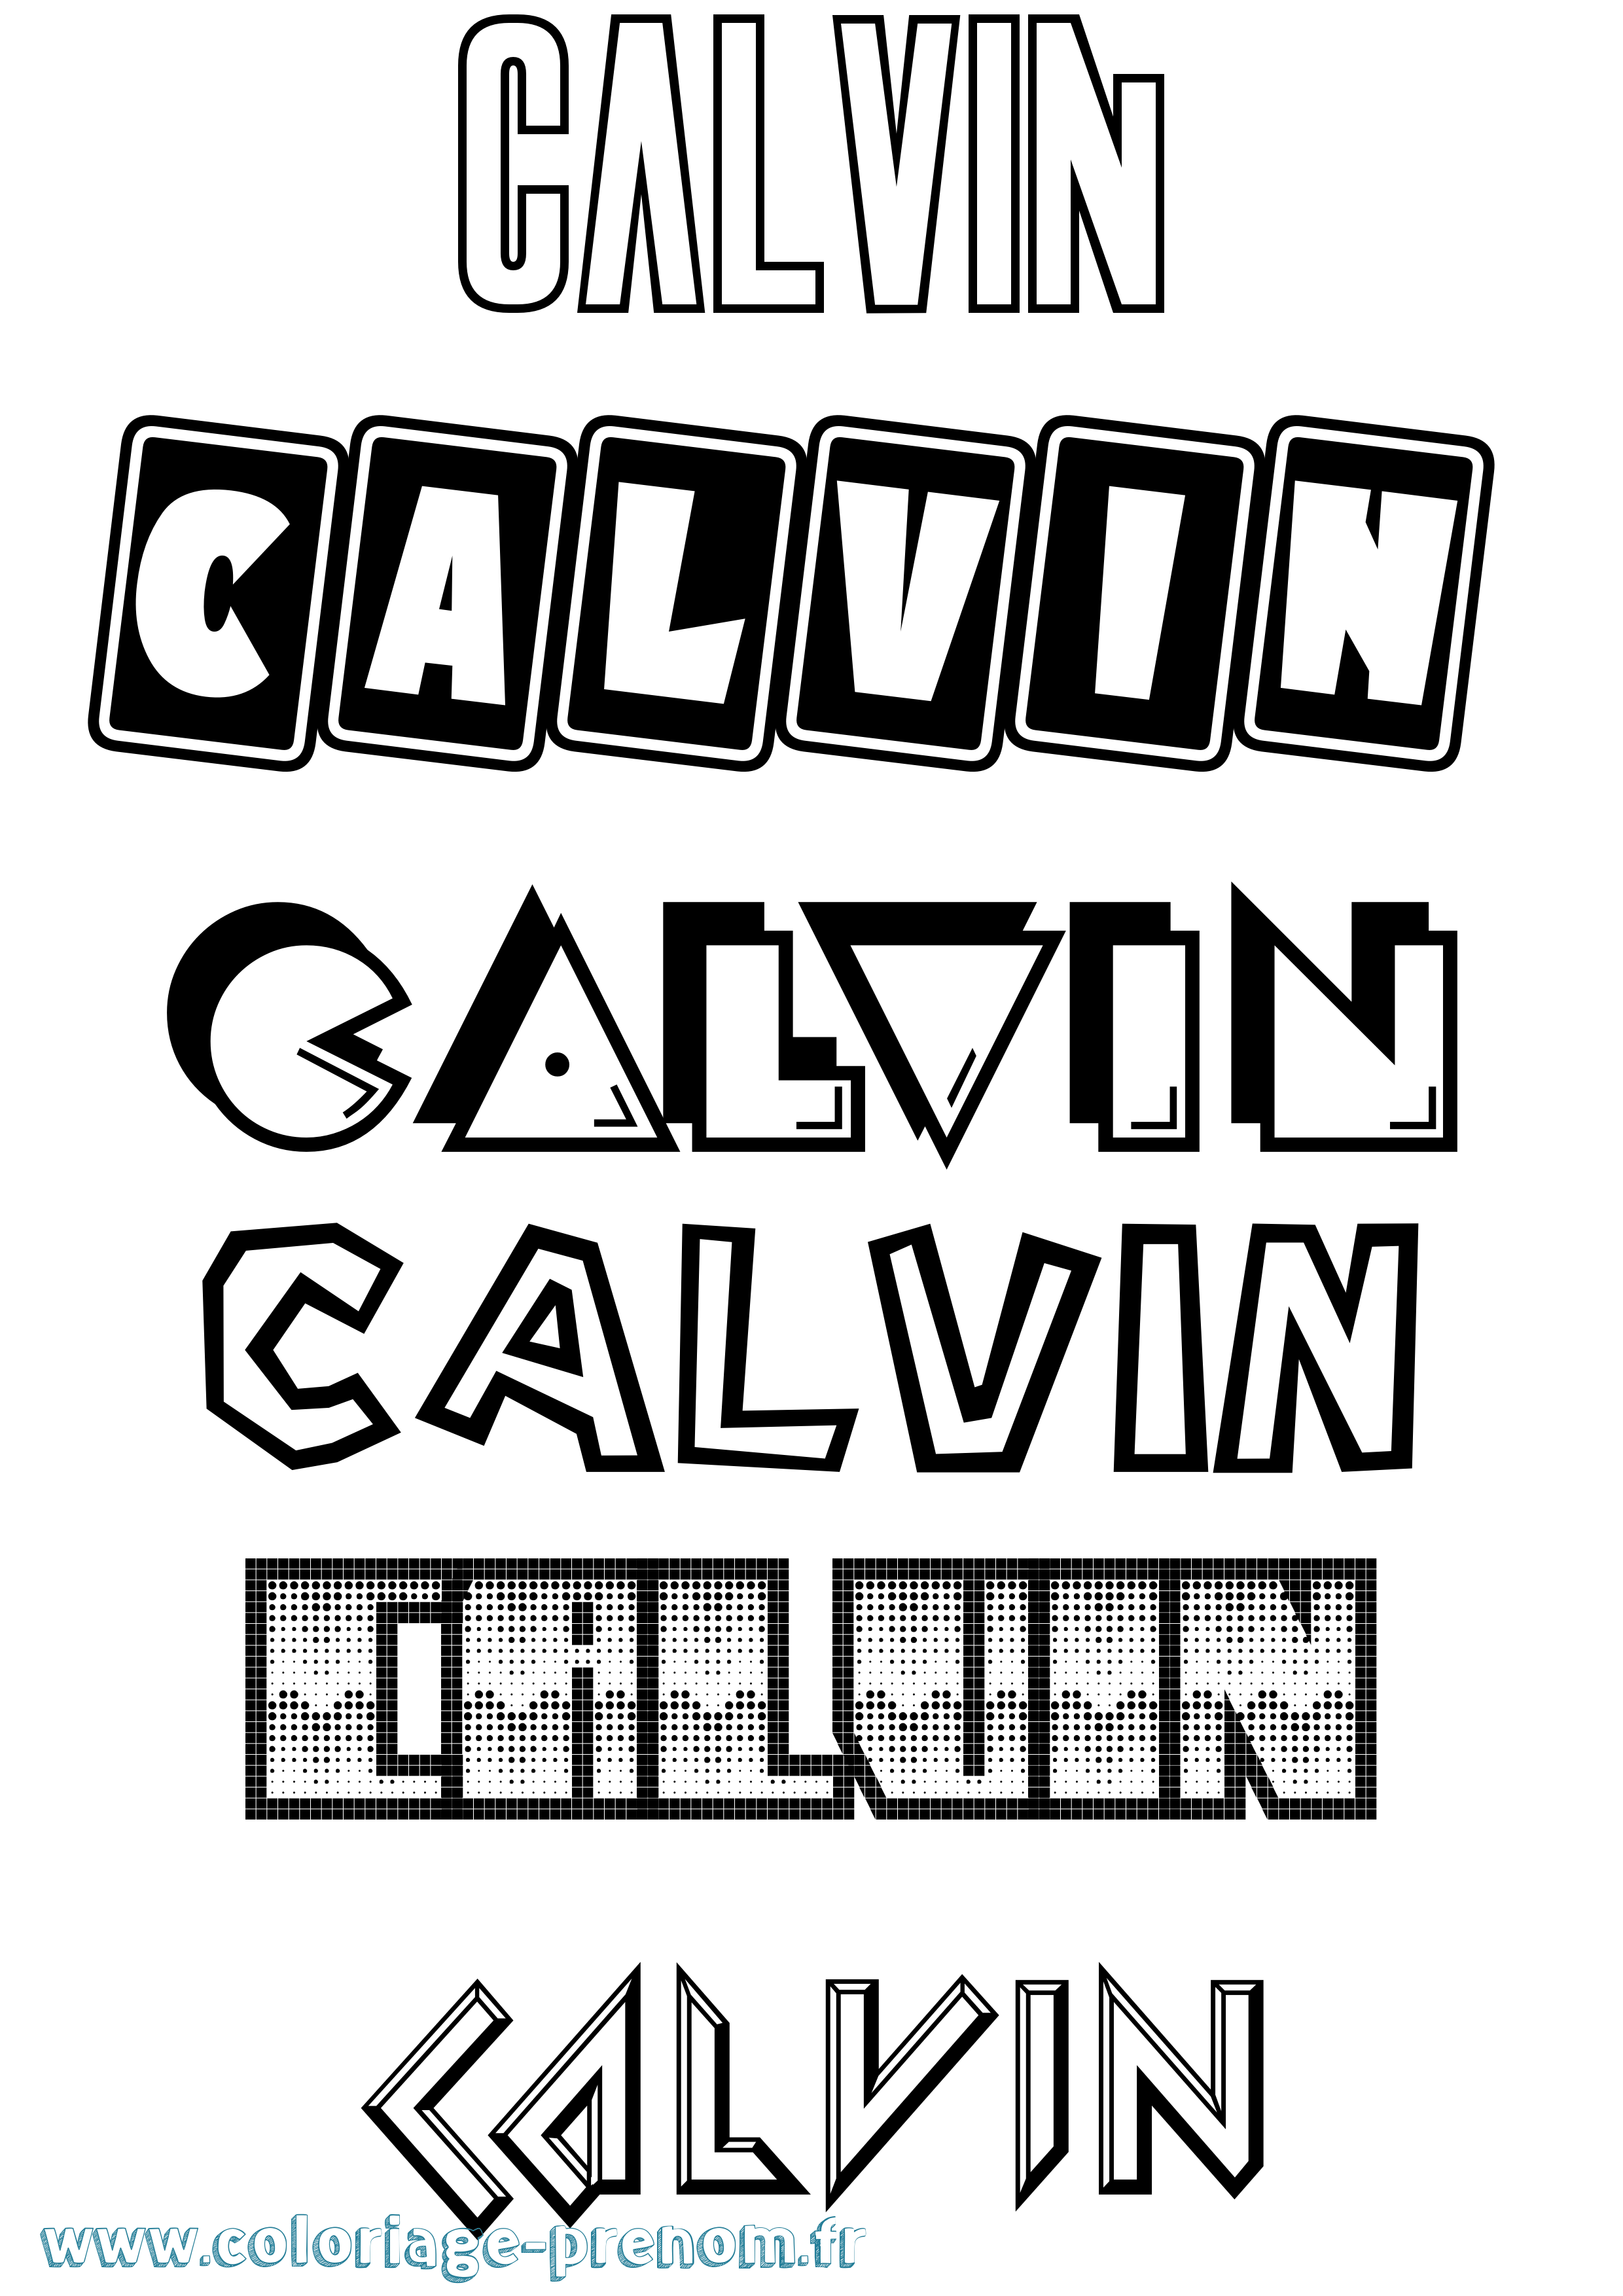 Coloriage du prénom Calvin : à Imprimer ou Télécharger facilement